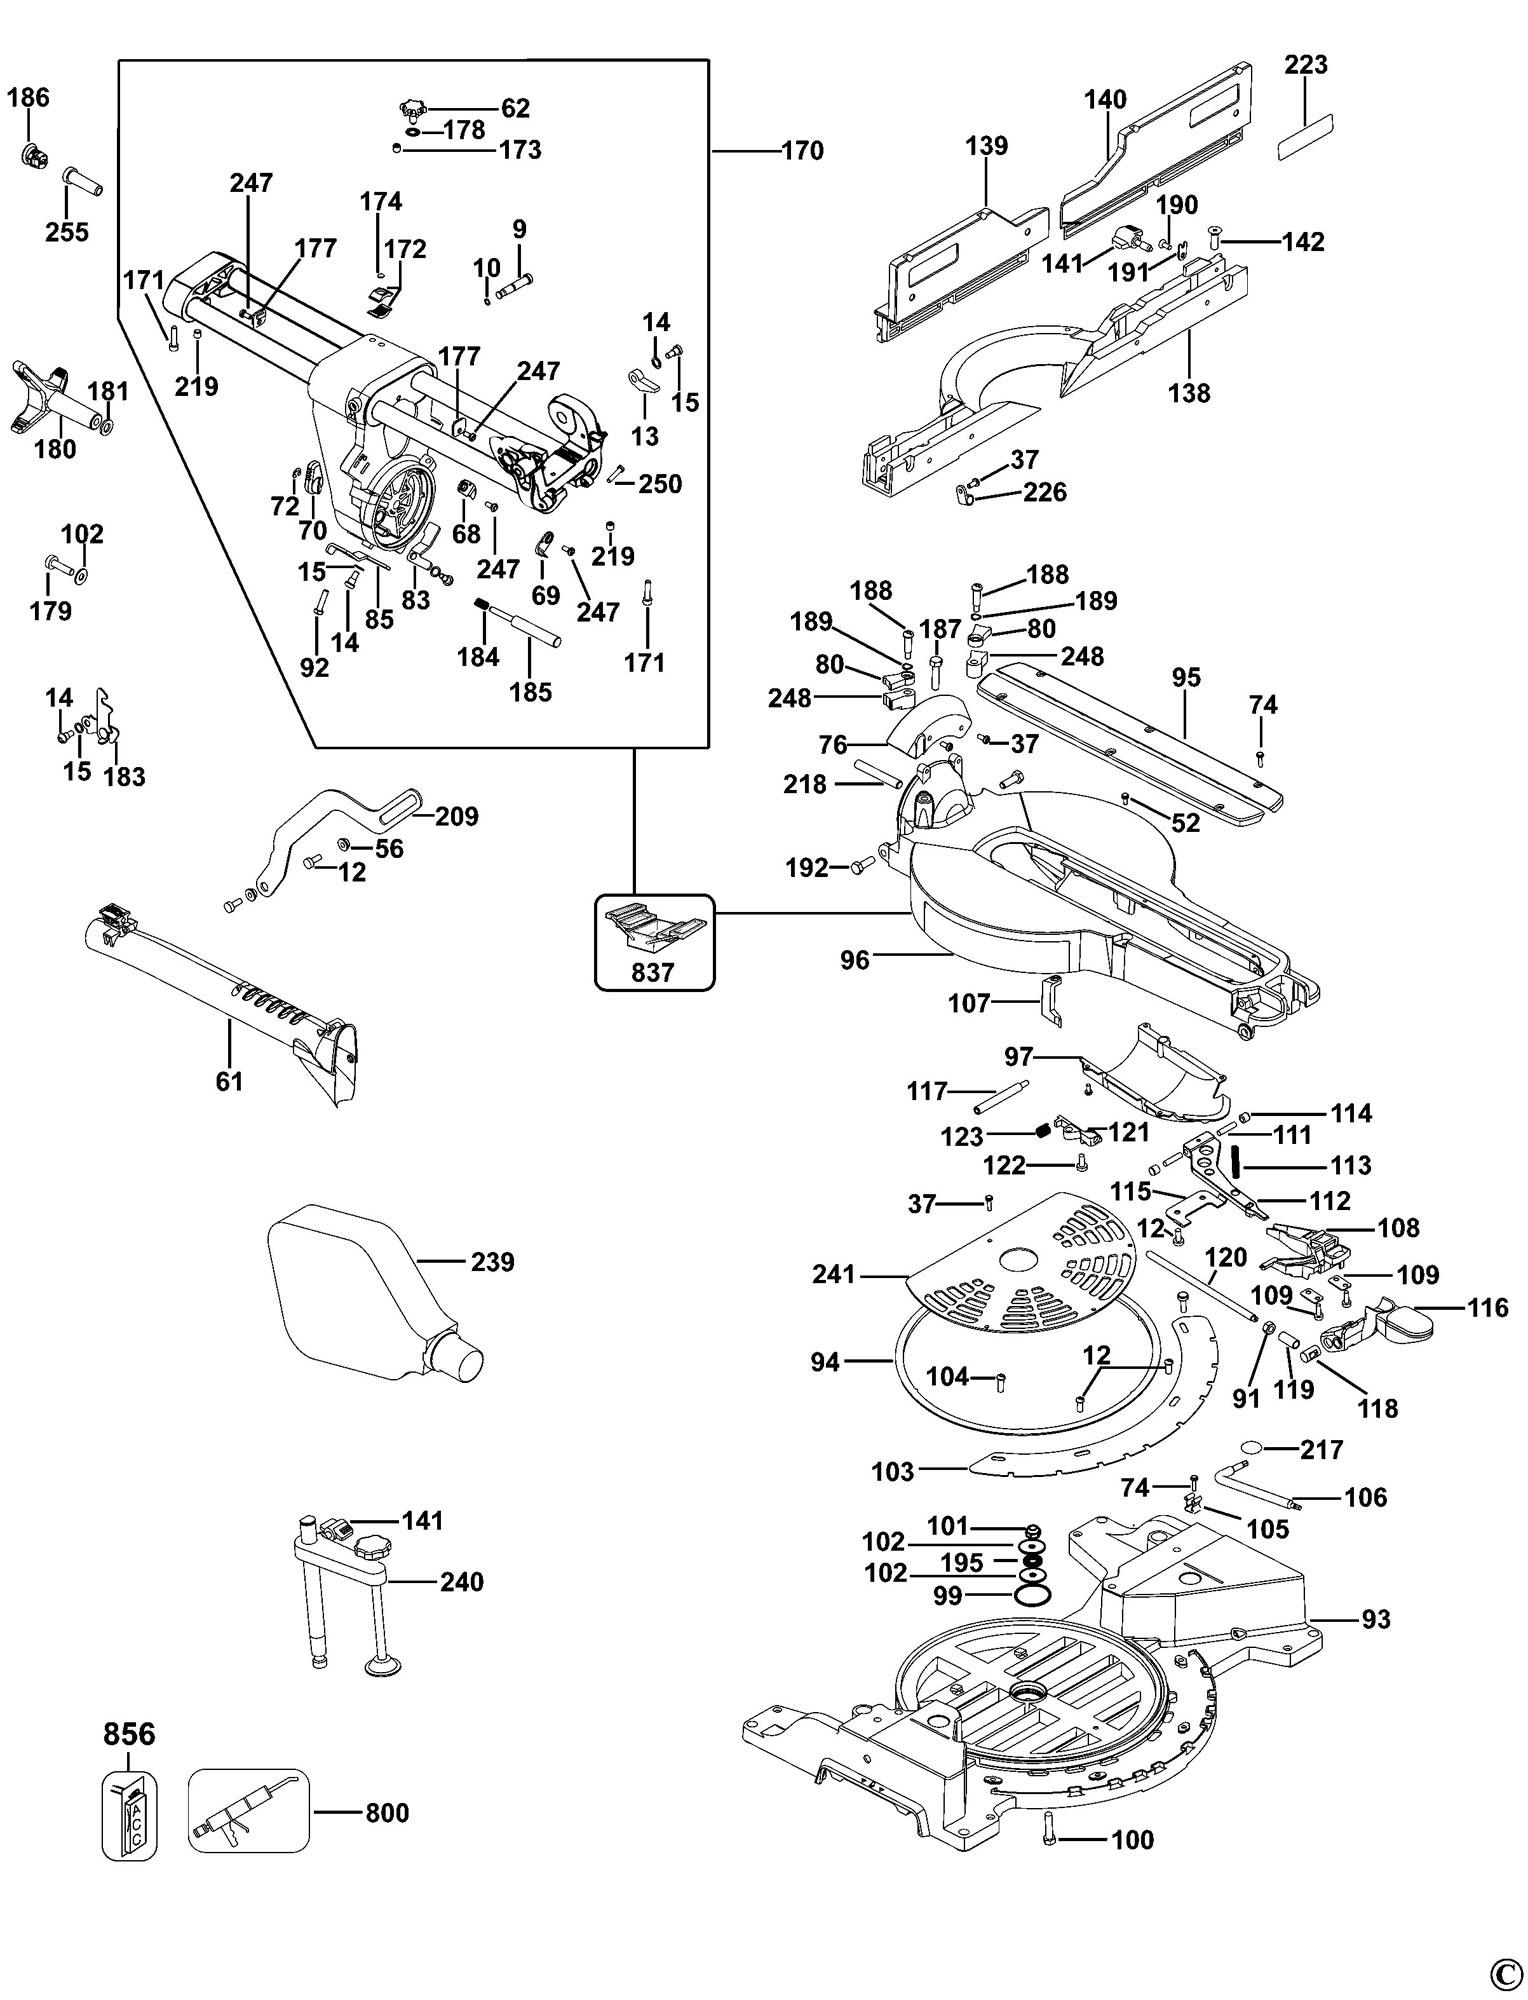 spares for dewalt dws780 mitre saw type 10 spare dws780. Black Bedroom Furniture Sets. Home Design Ideas